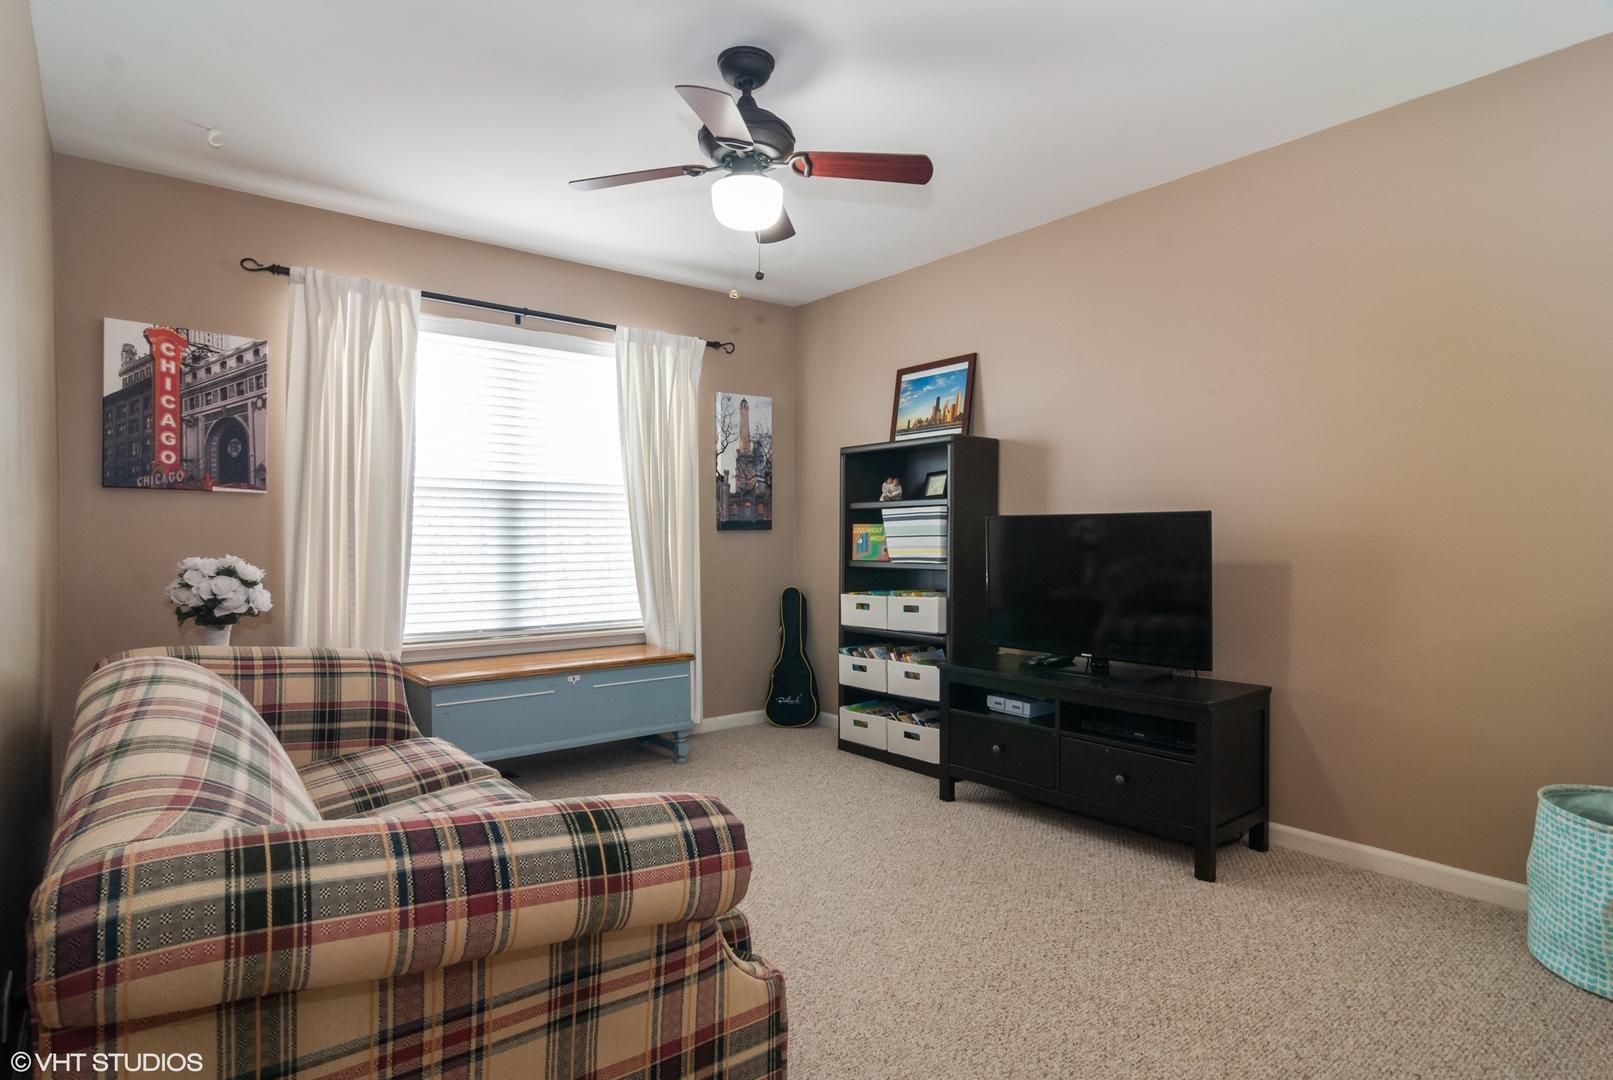 362 Kensington, Oswego, Illinois, 60543